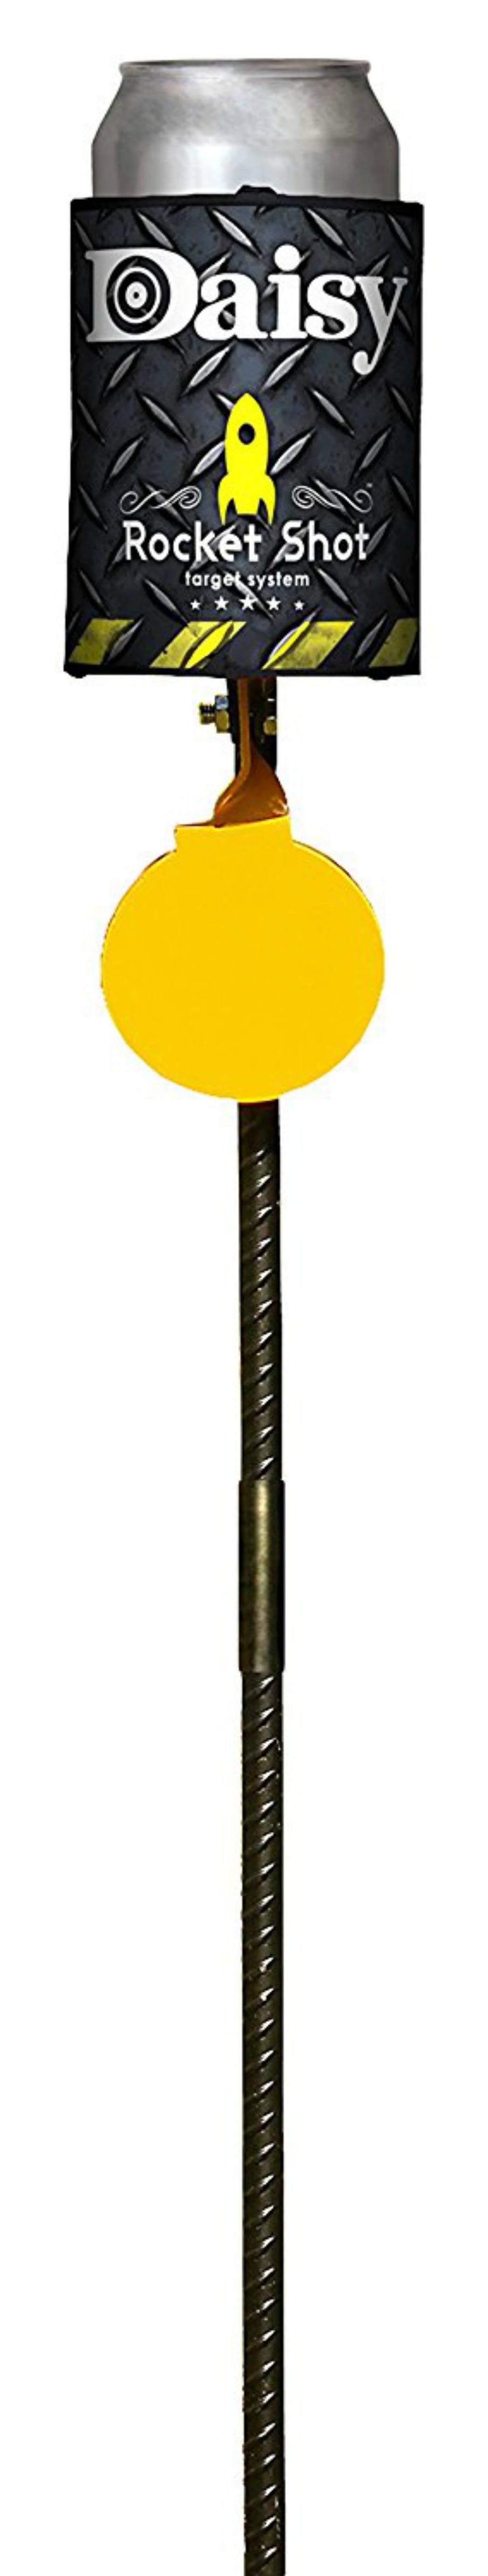 Daisy 990870-402 Rocket Shot Accessories by Daisy